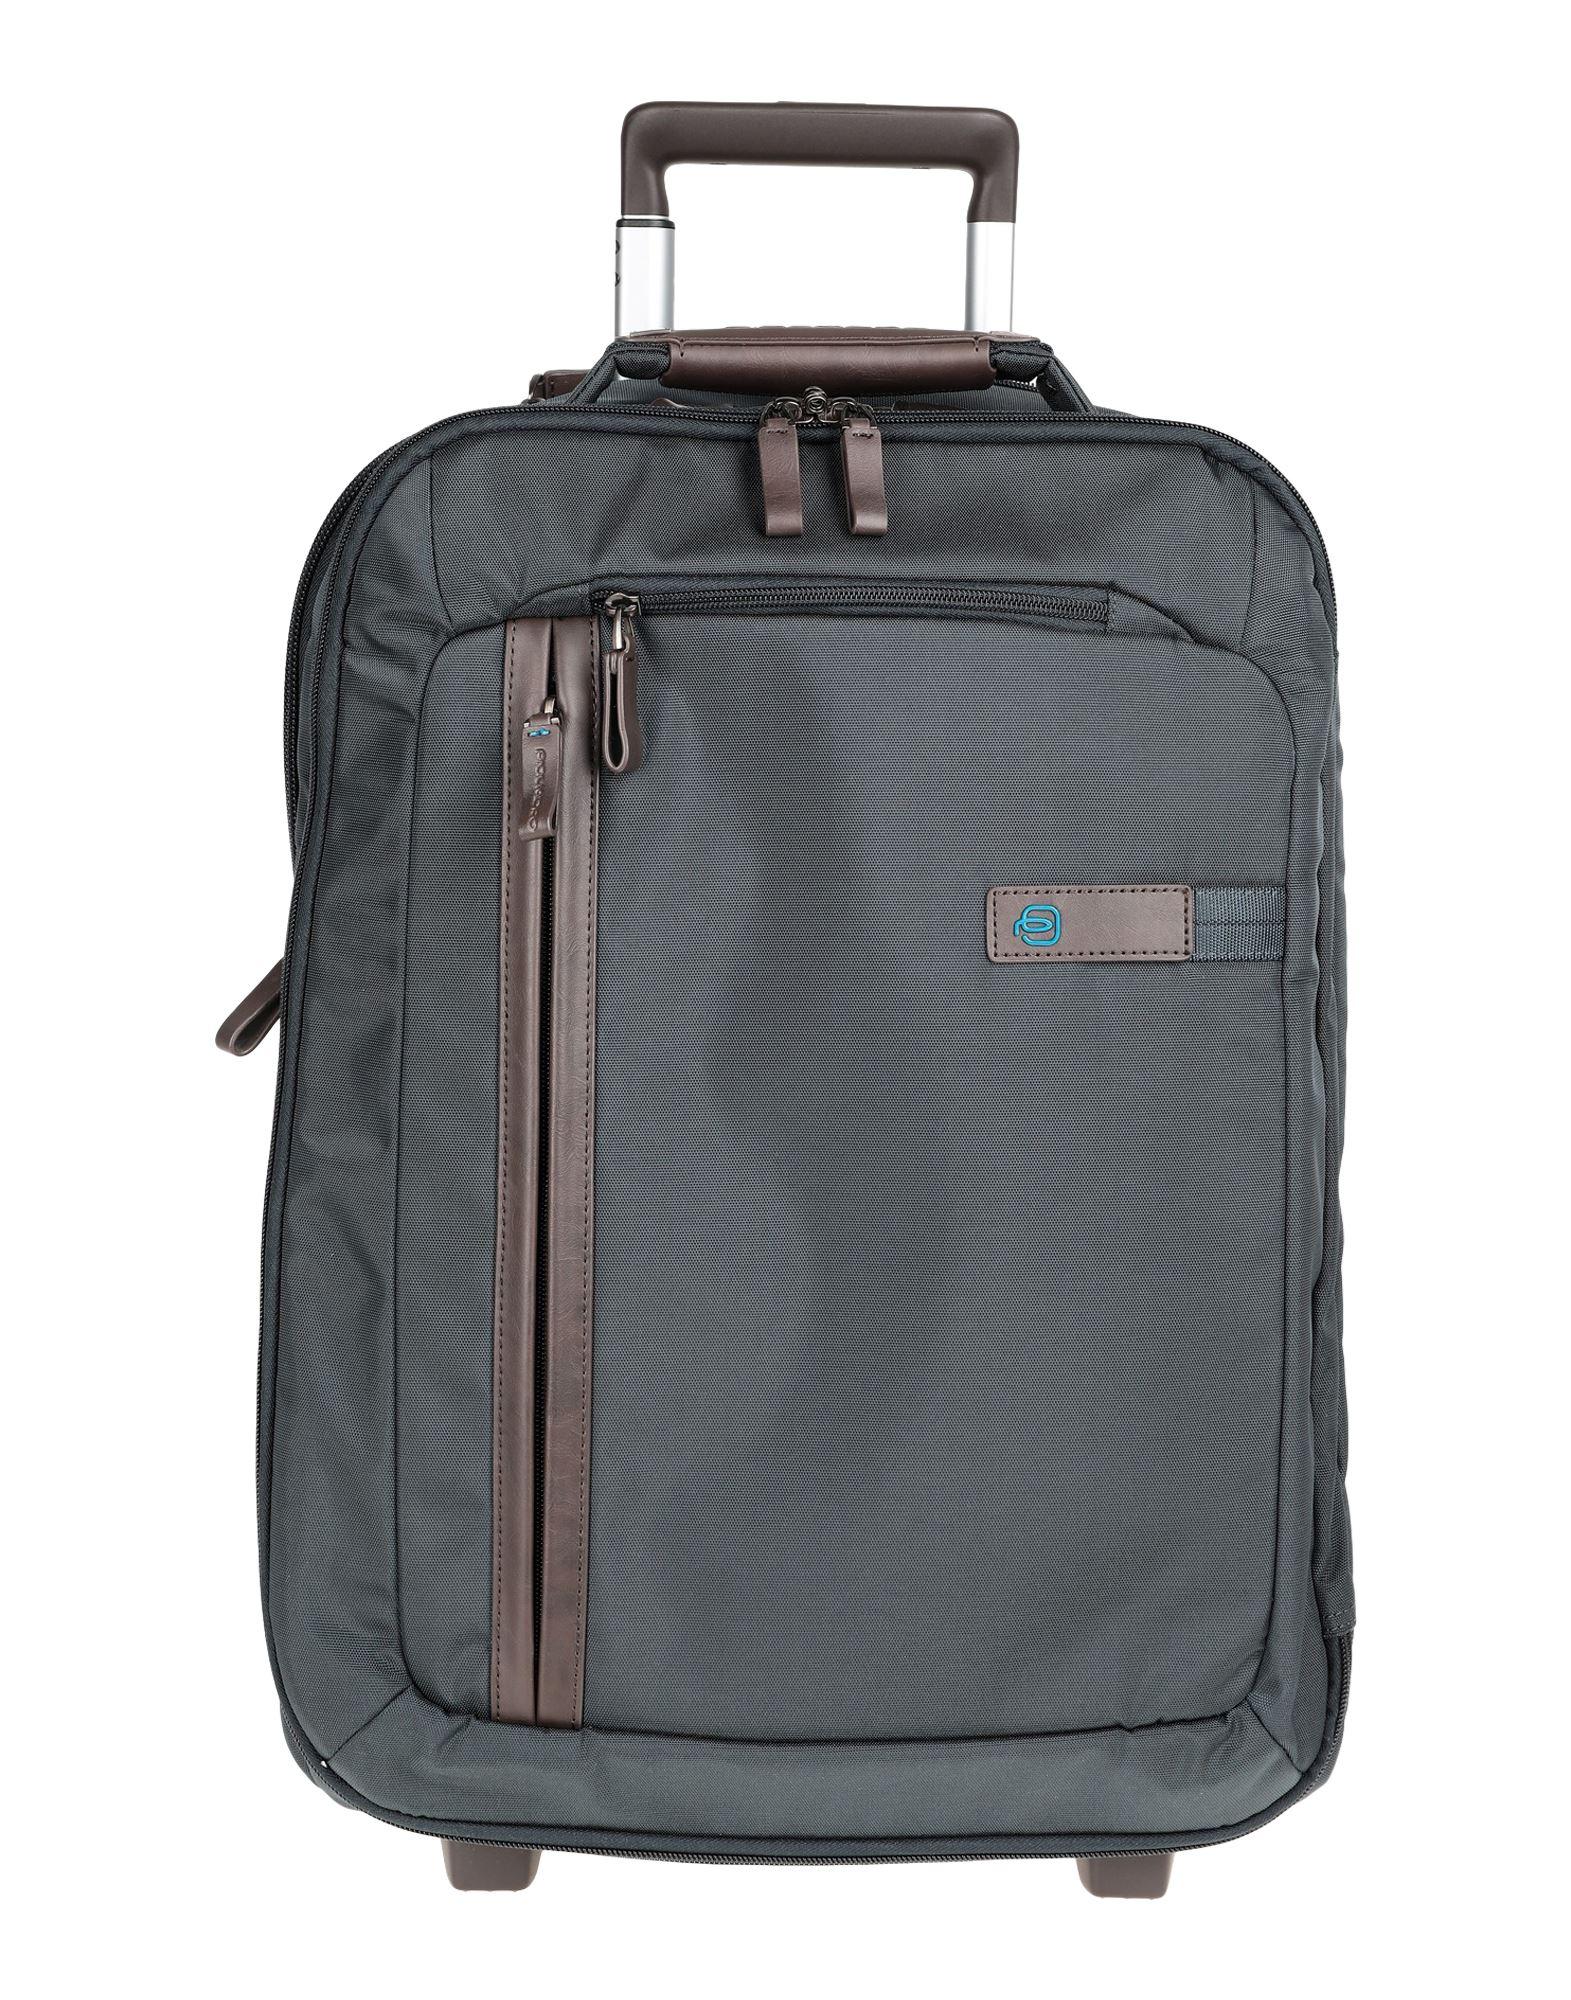 《セール開催中》PIQUADRO Unisex キャスター付きバッグ ブルーグレー 紡績繊維 / 革